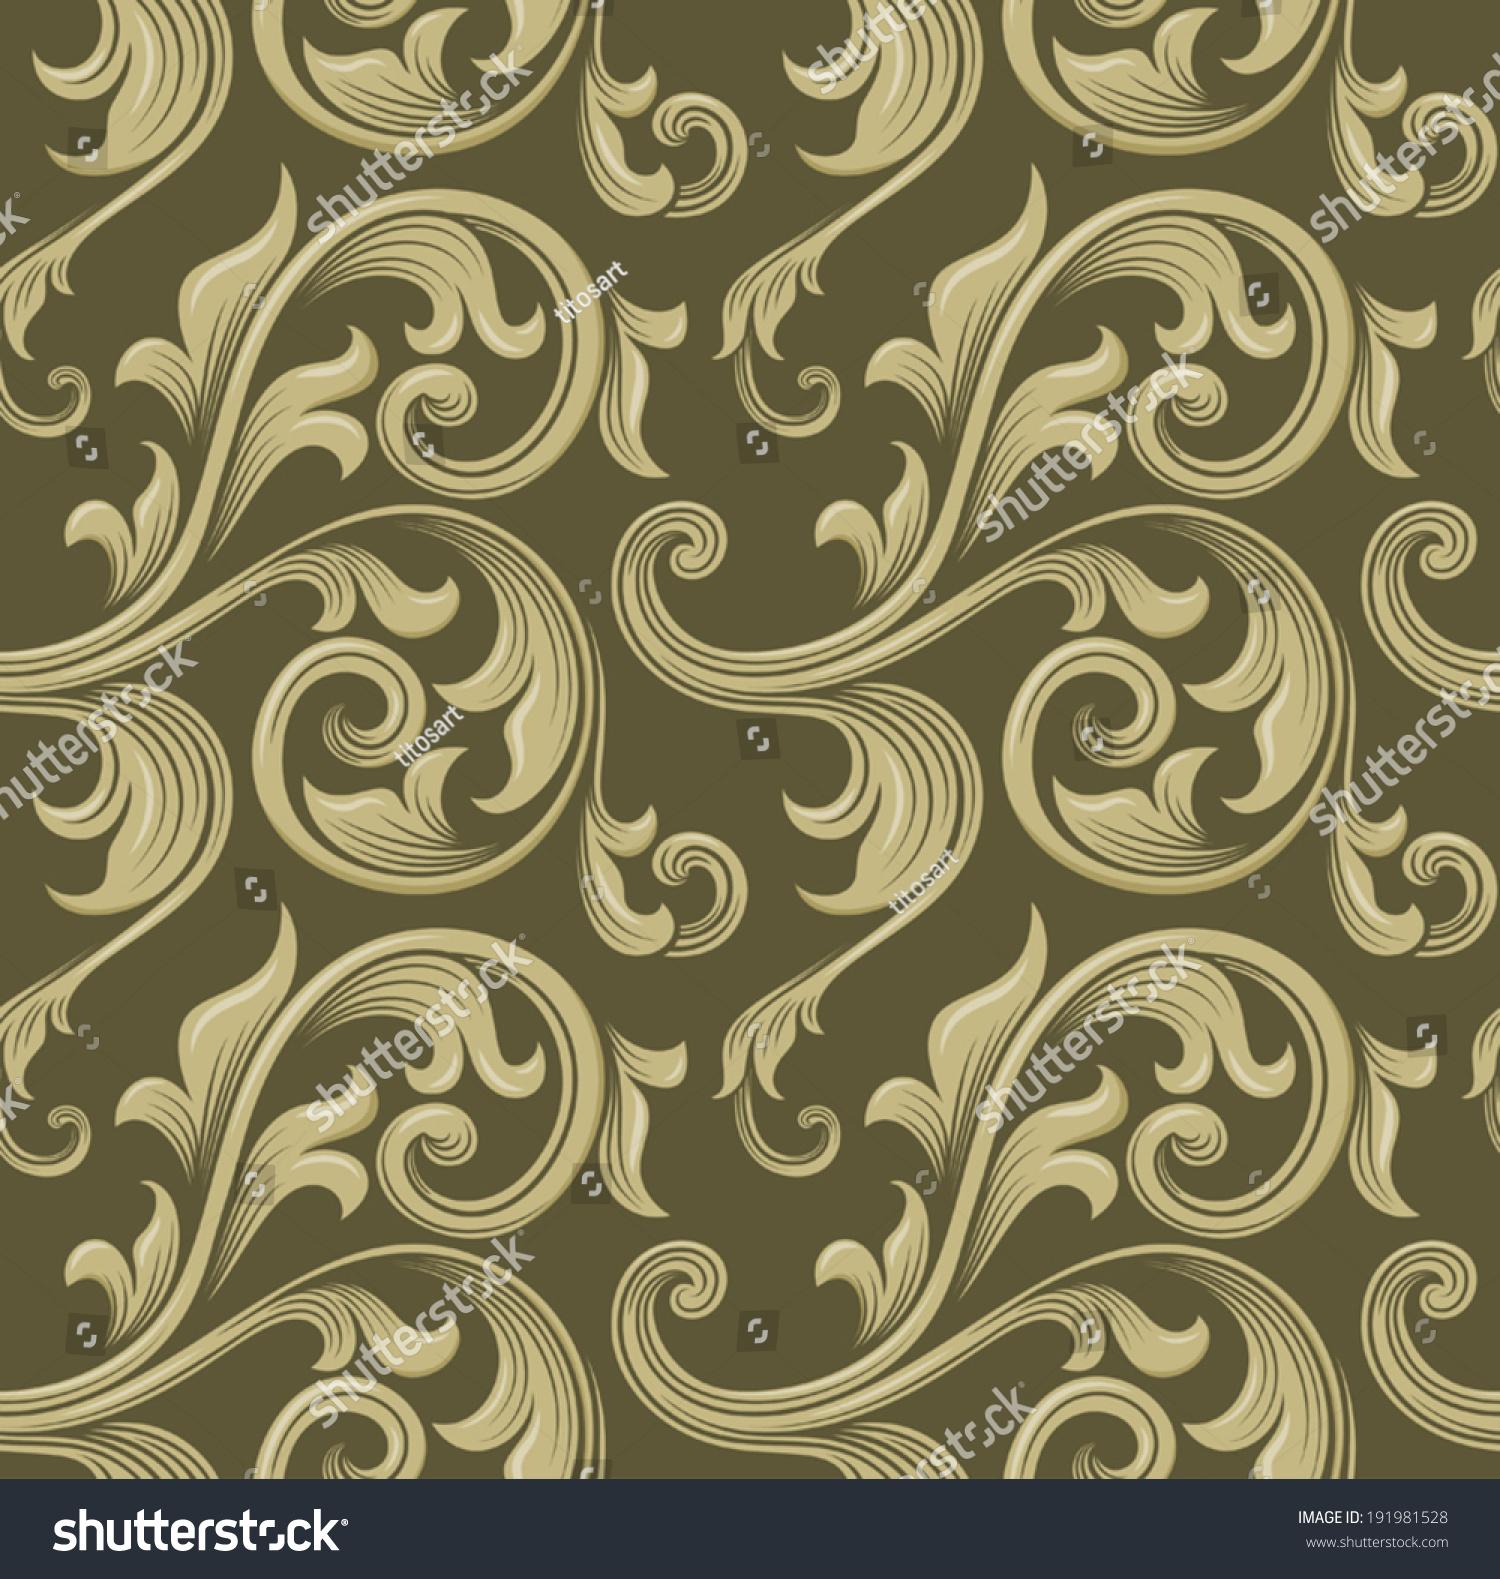 Vintage baroque scroll design element motif pattern vector for Baroque design elements